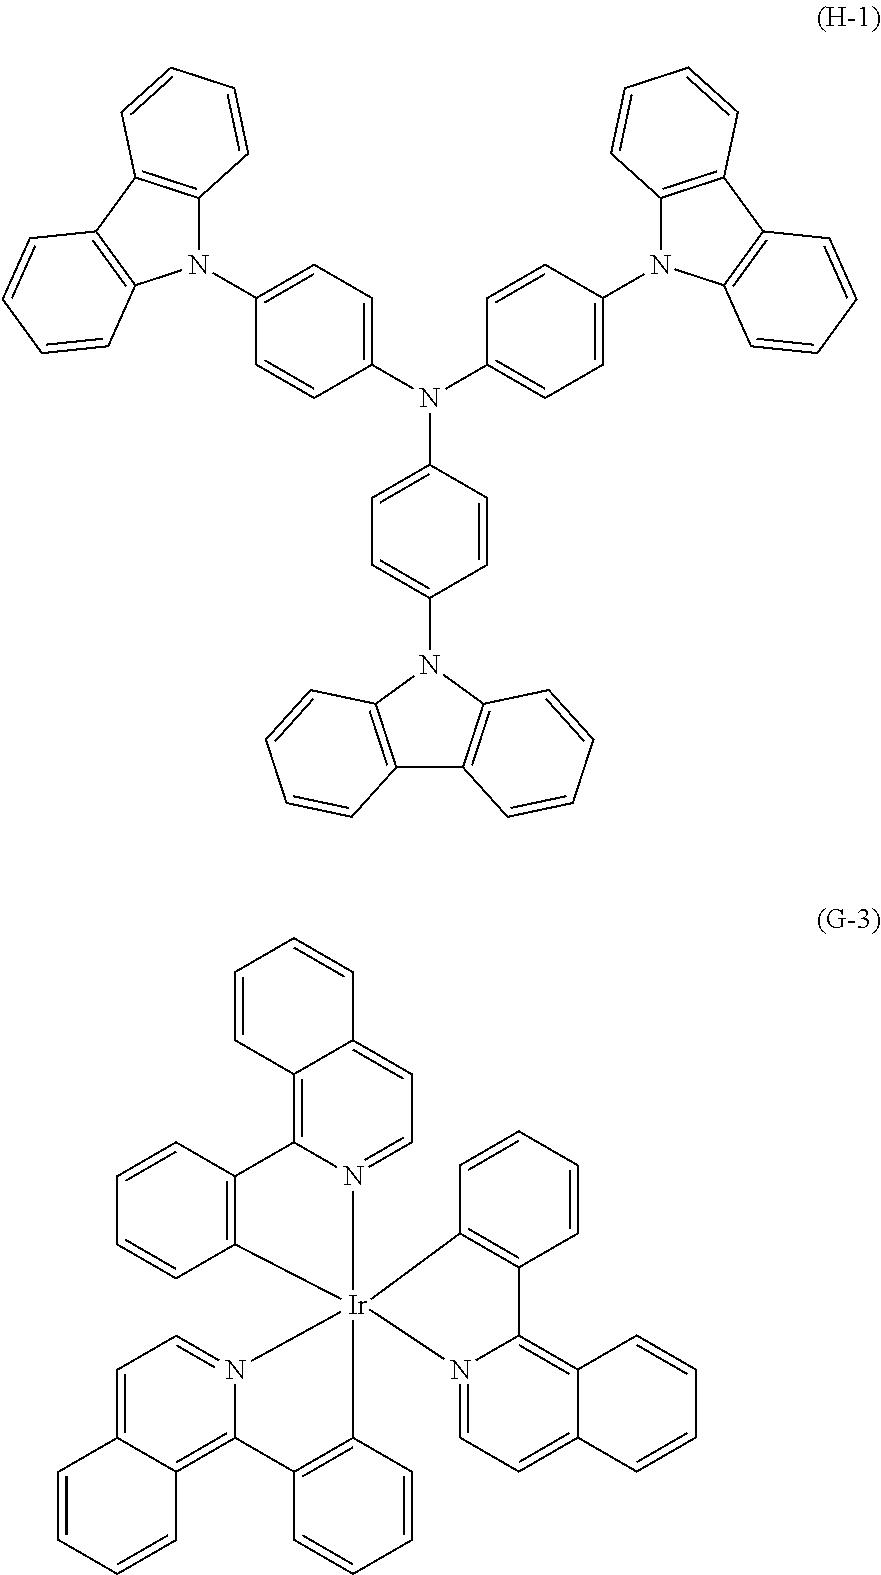 Figure US20170237042A1-20170817-C00011